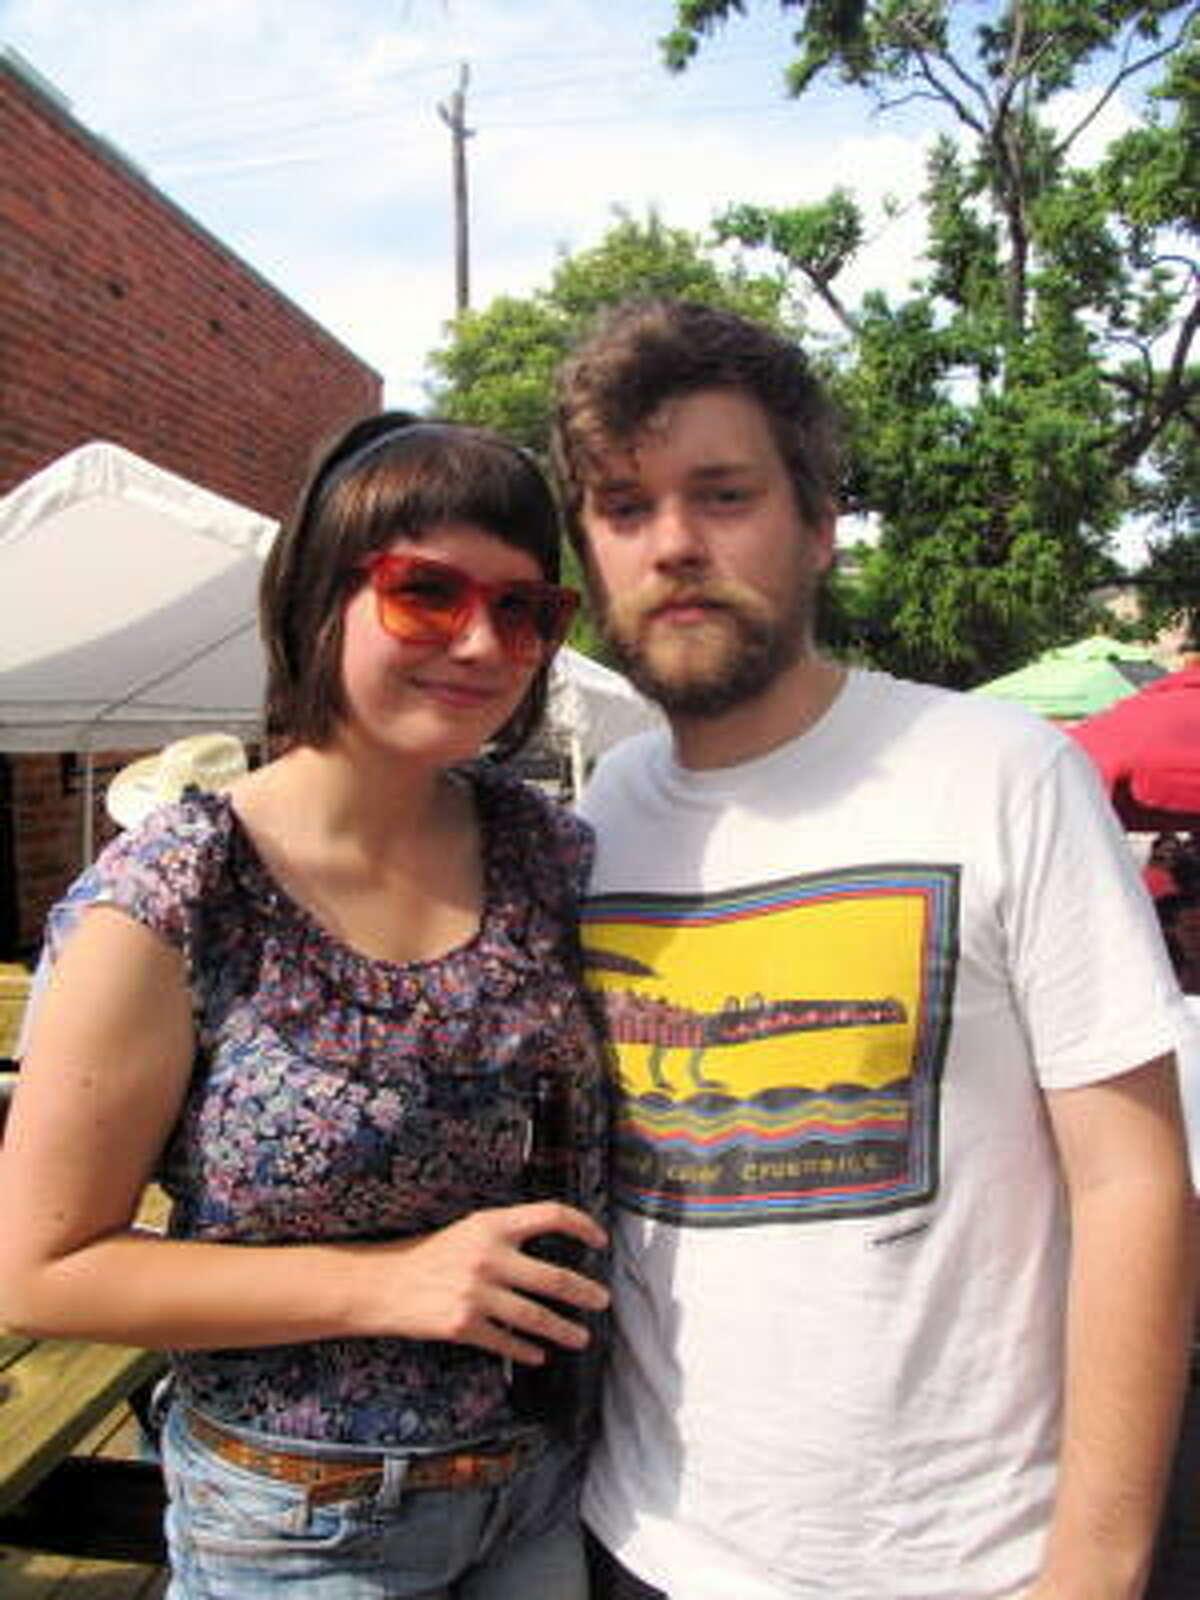 Sarah Wiggins-Goff, left, and Will Von Horn